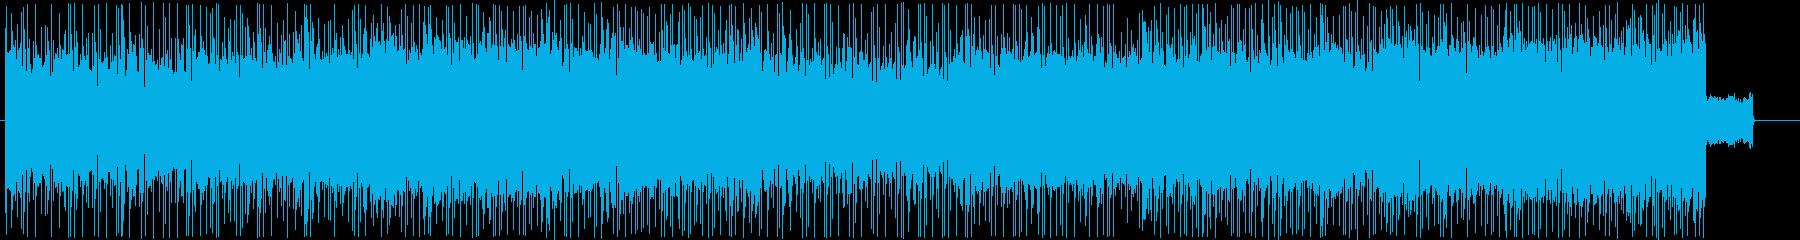 物語の始まりを感じるハイブリッドロックの再生済みの波形